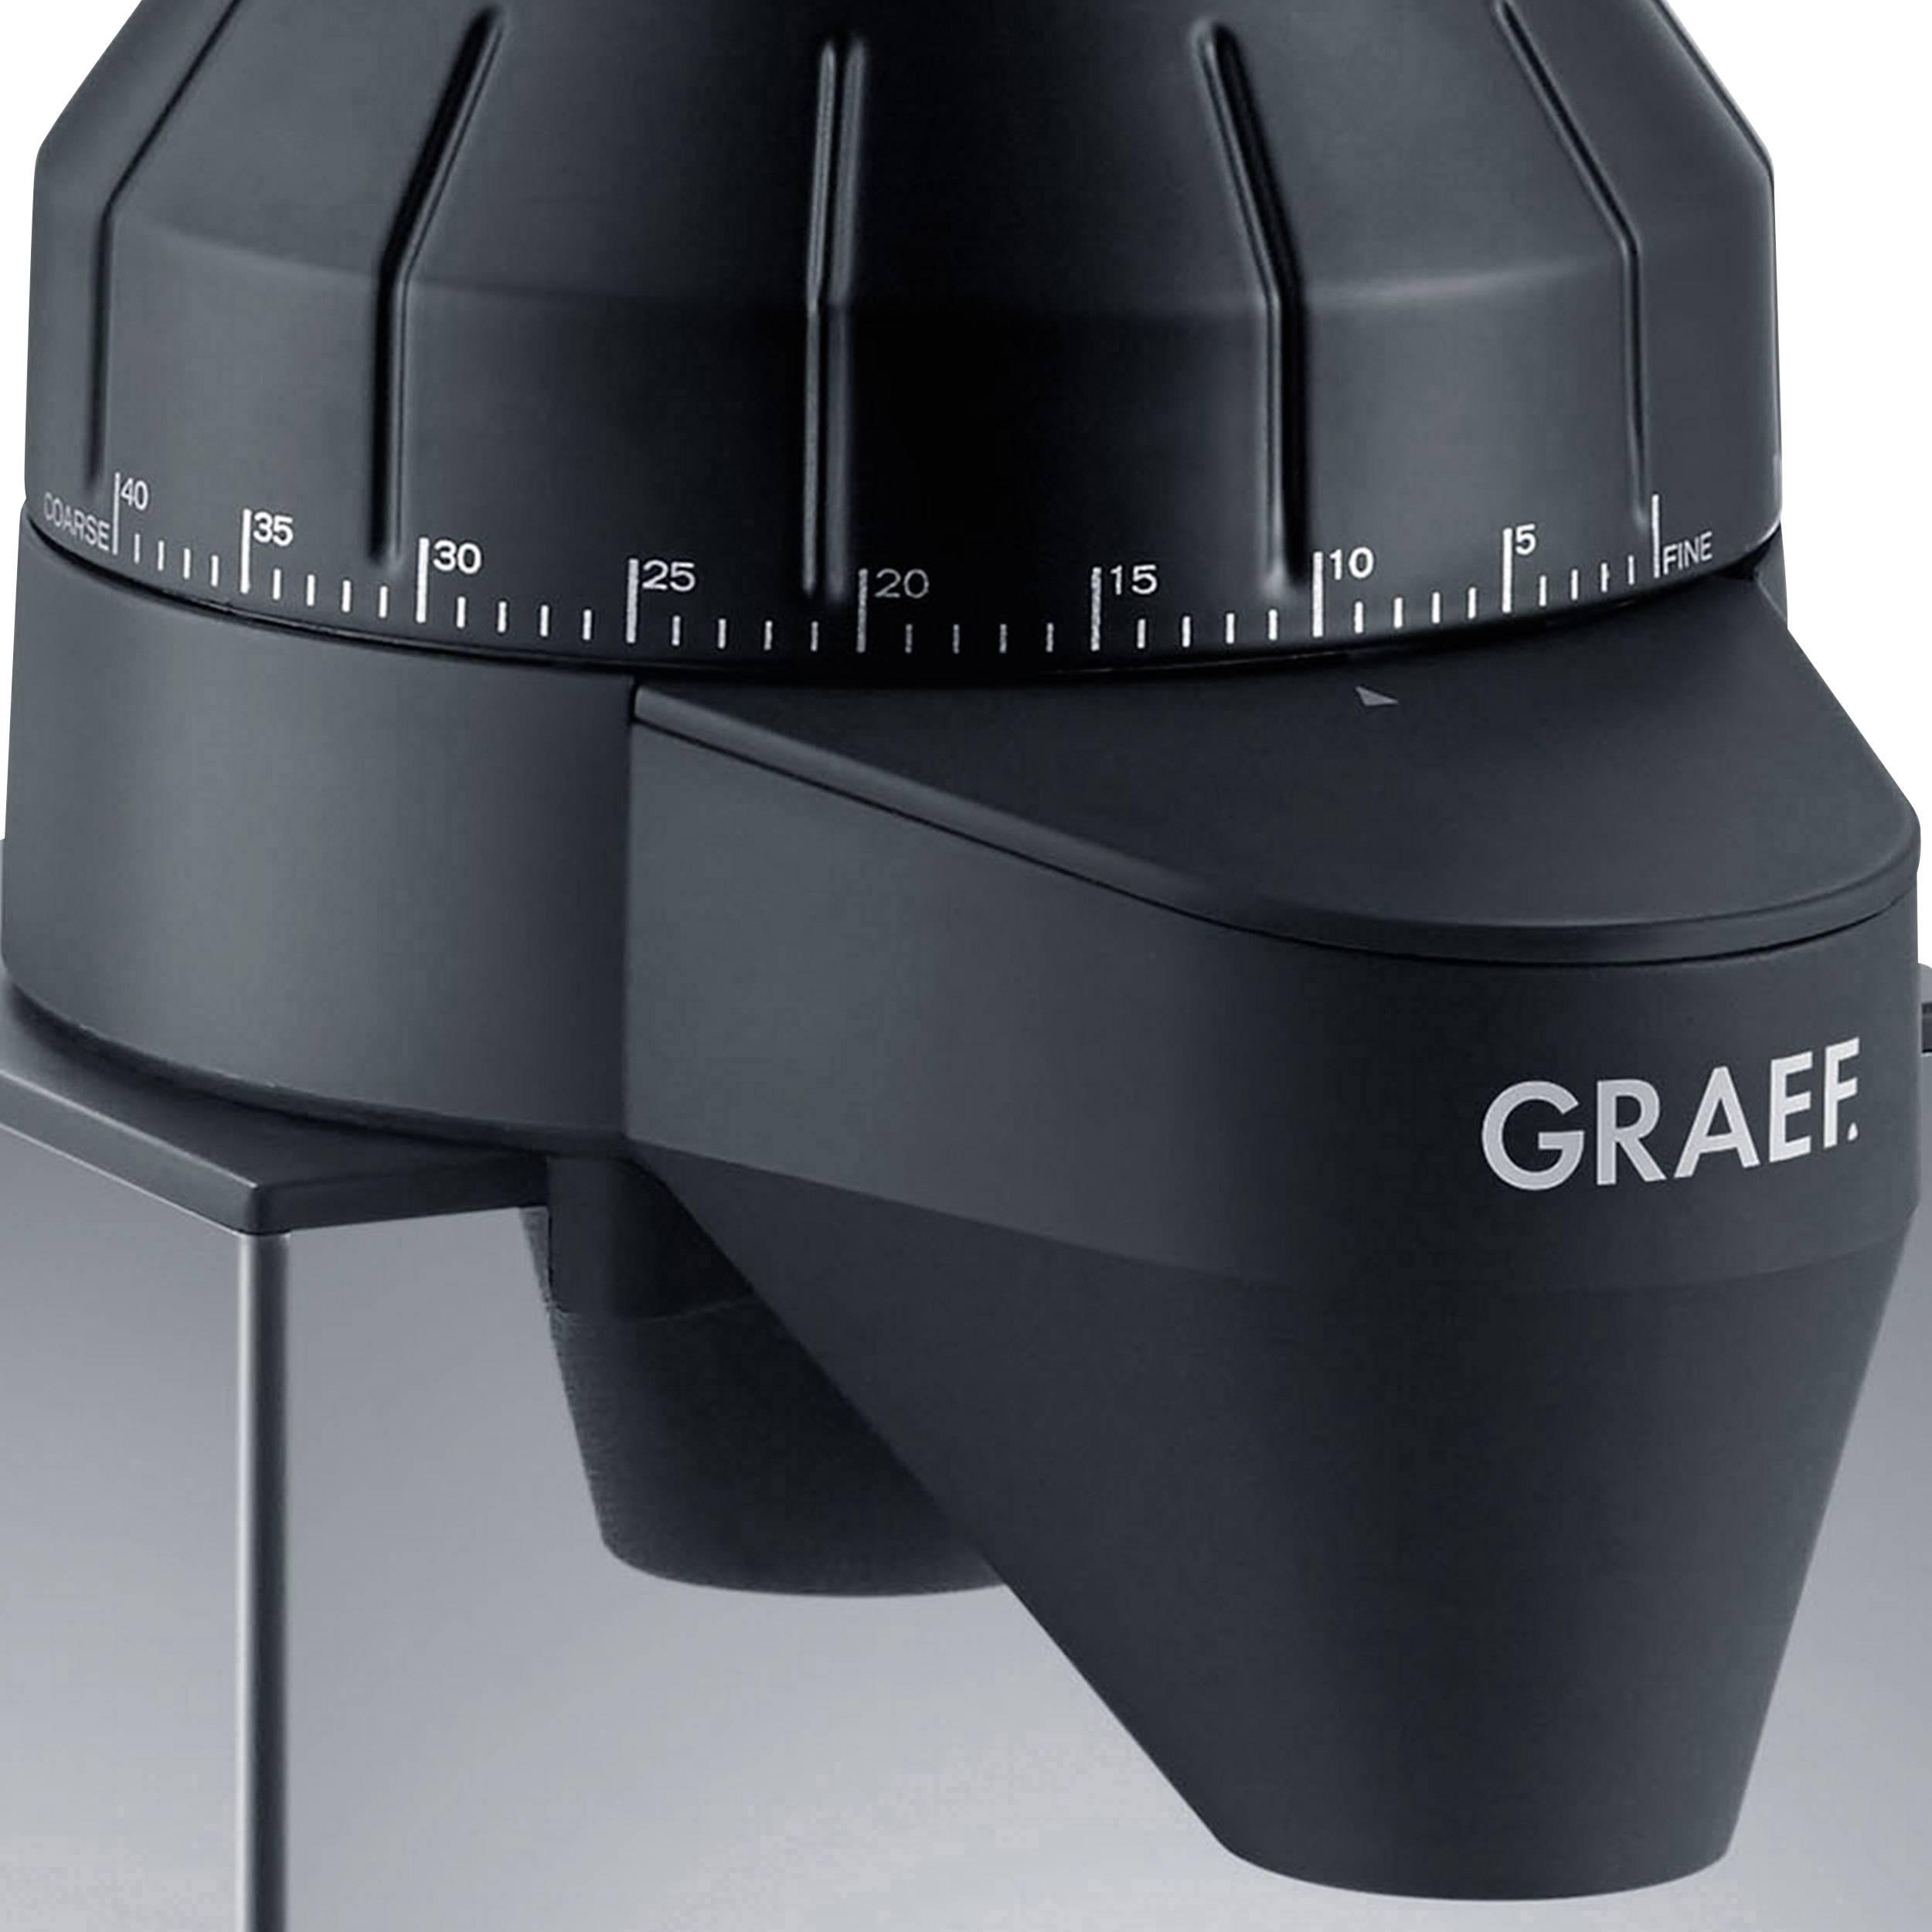 Graef CM820EU CM820EU mlinček za kavo legirano jeklo, črna jekleni stožčasti mlinček